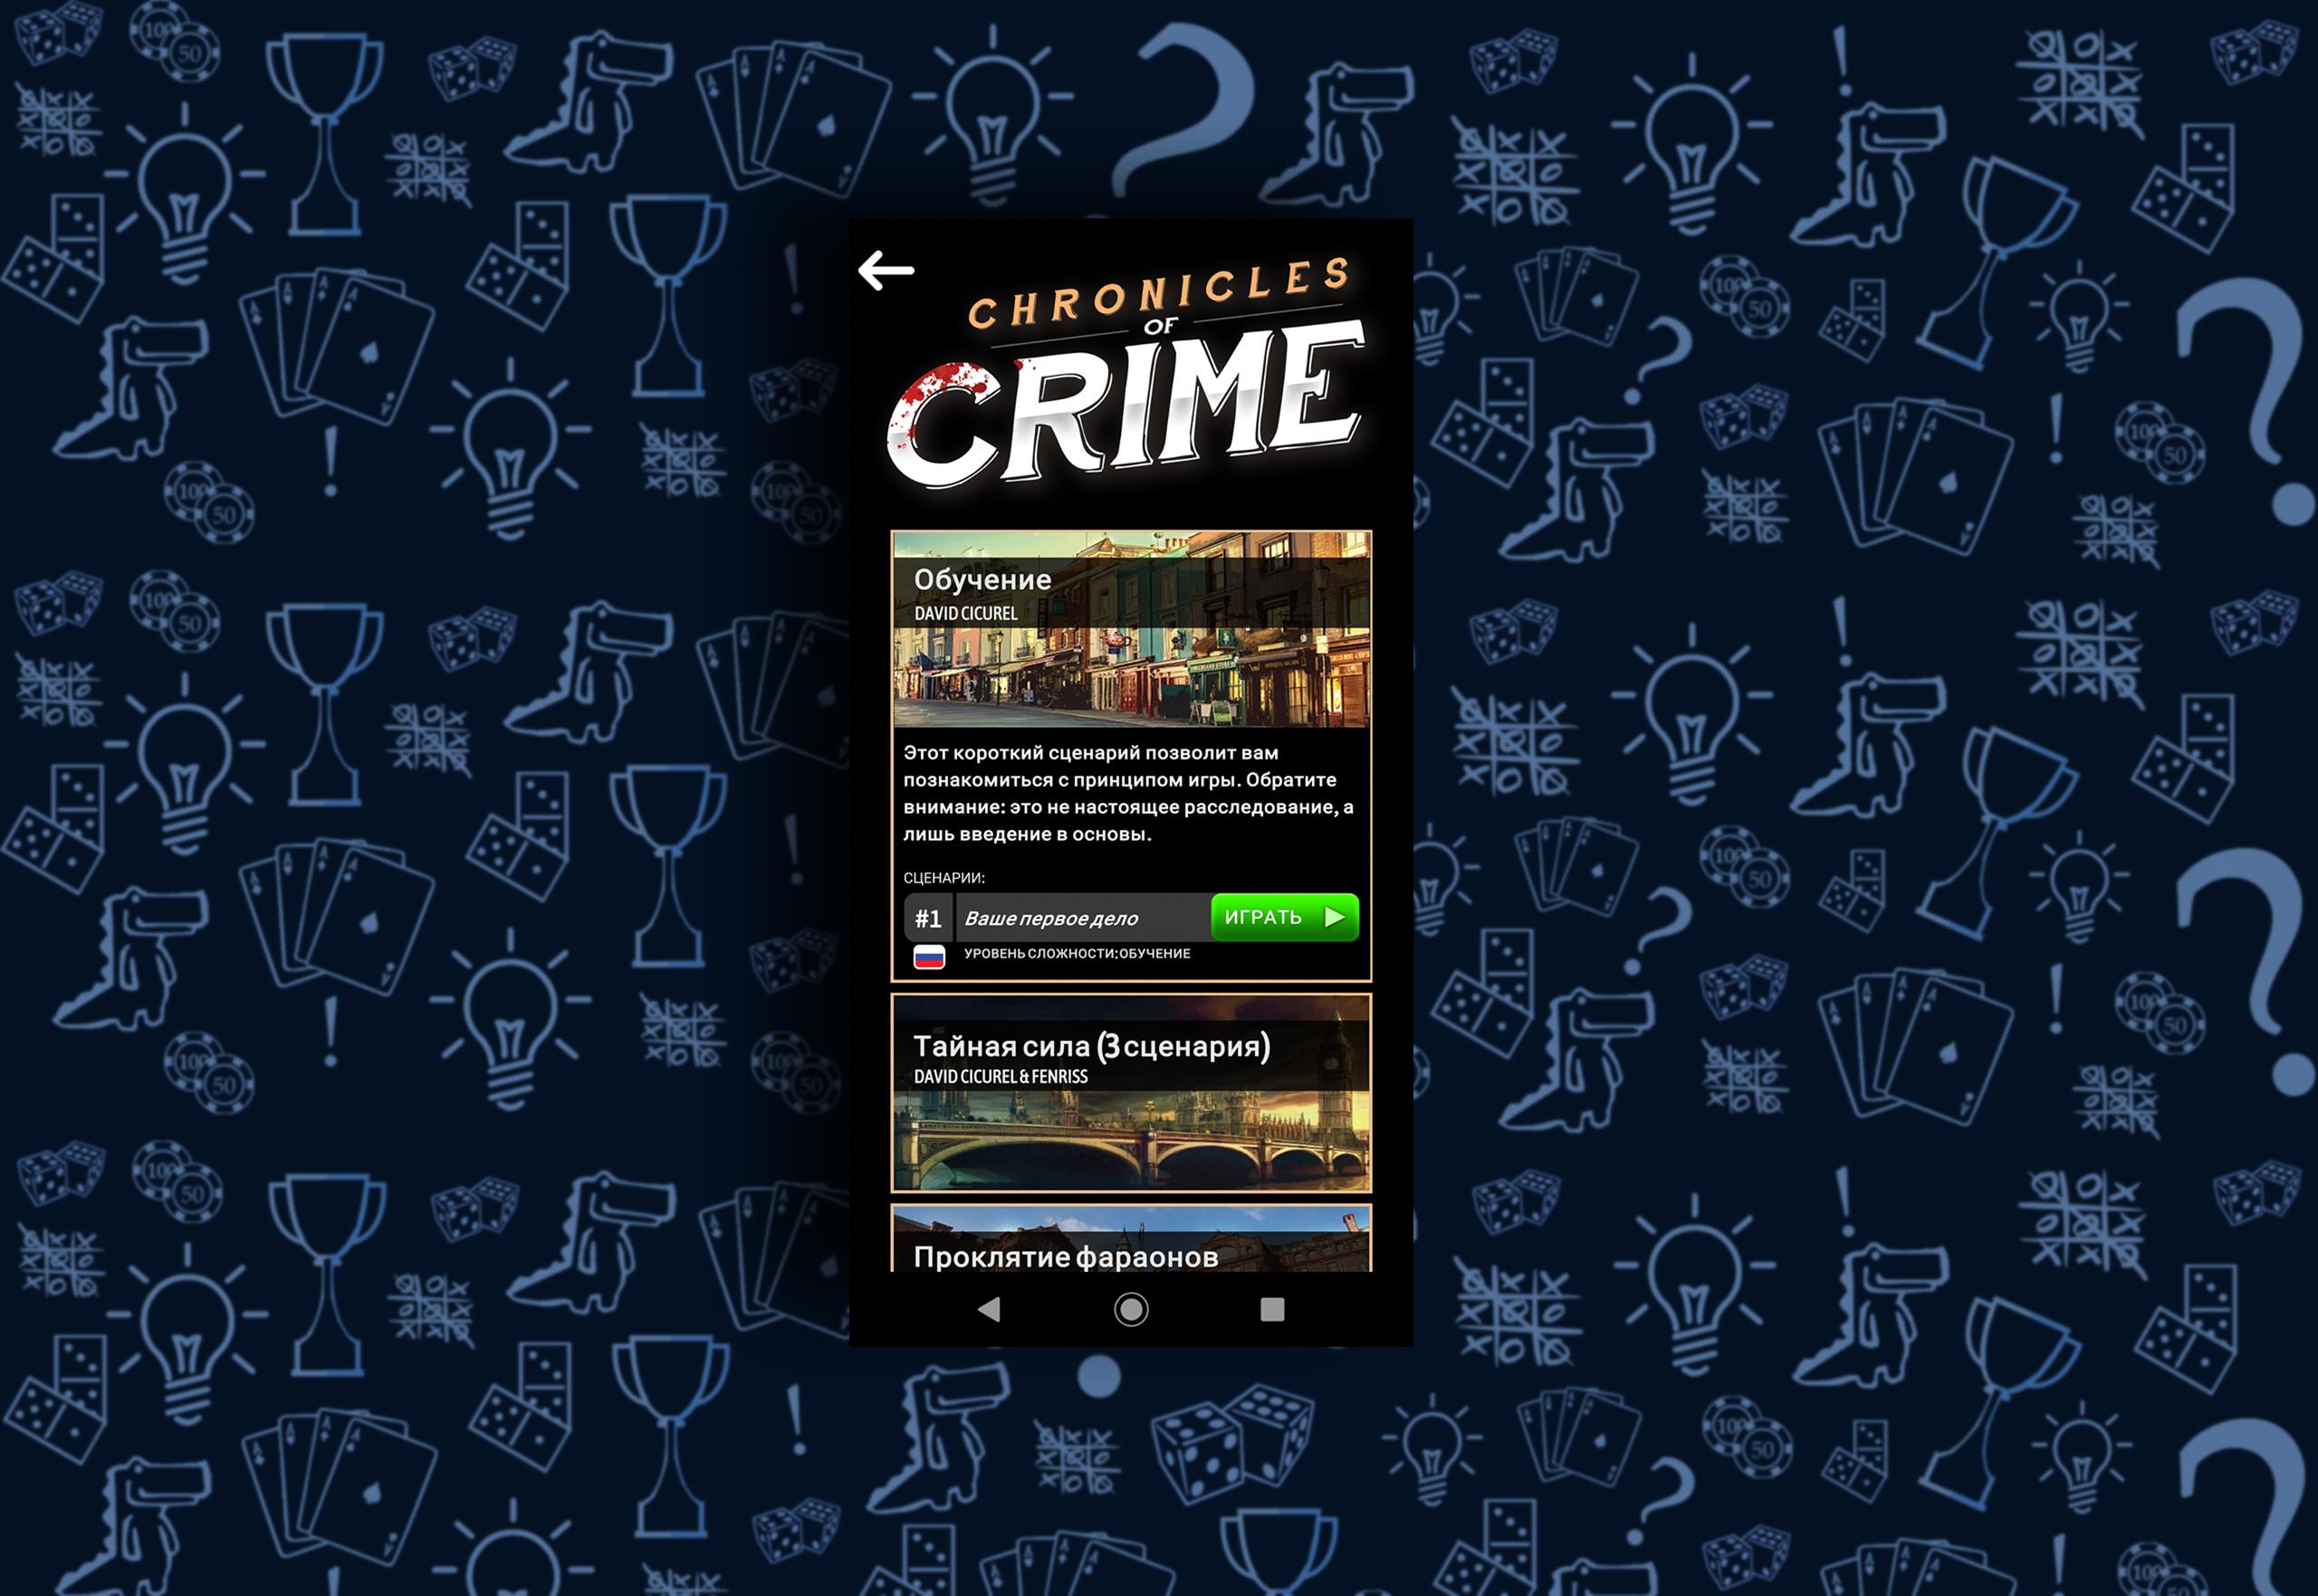 Обучение в приложении для настольной игры Место Преступления